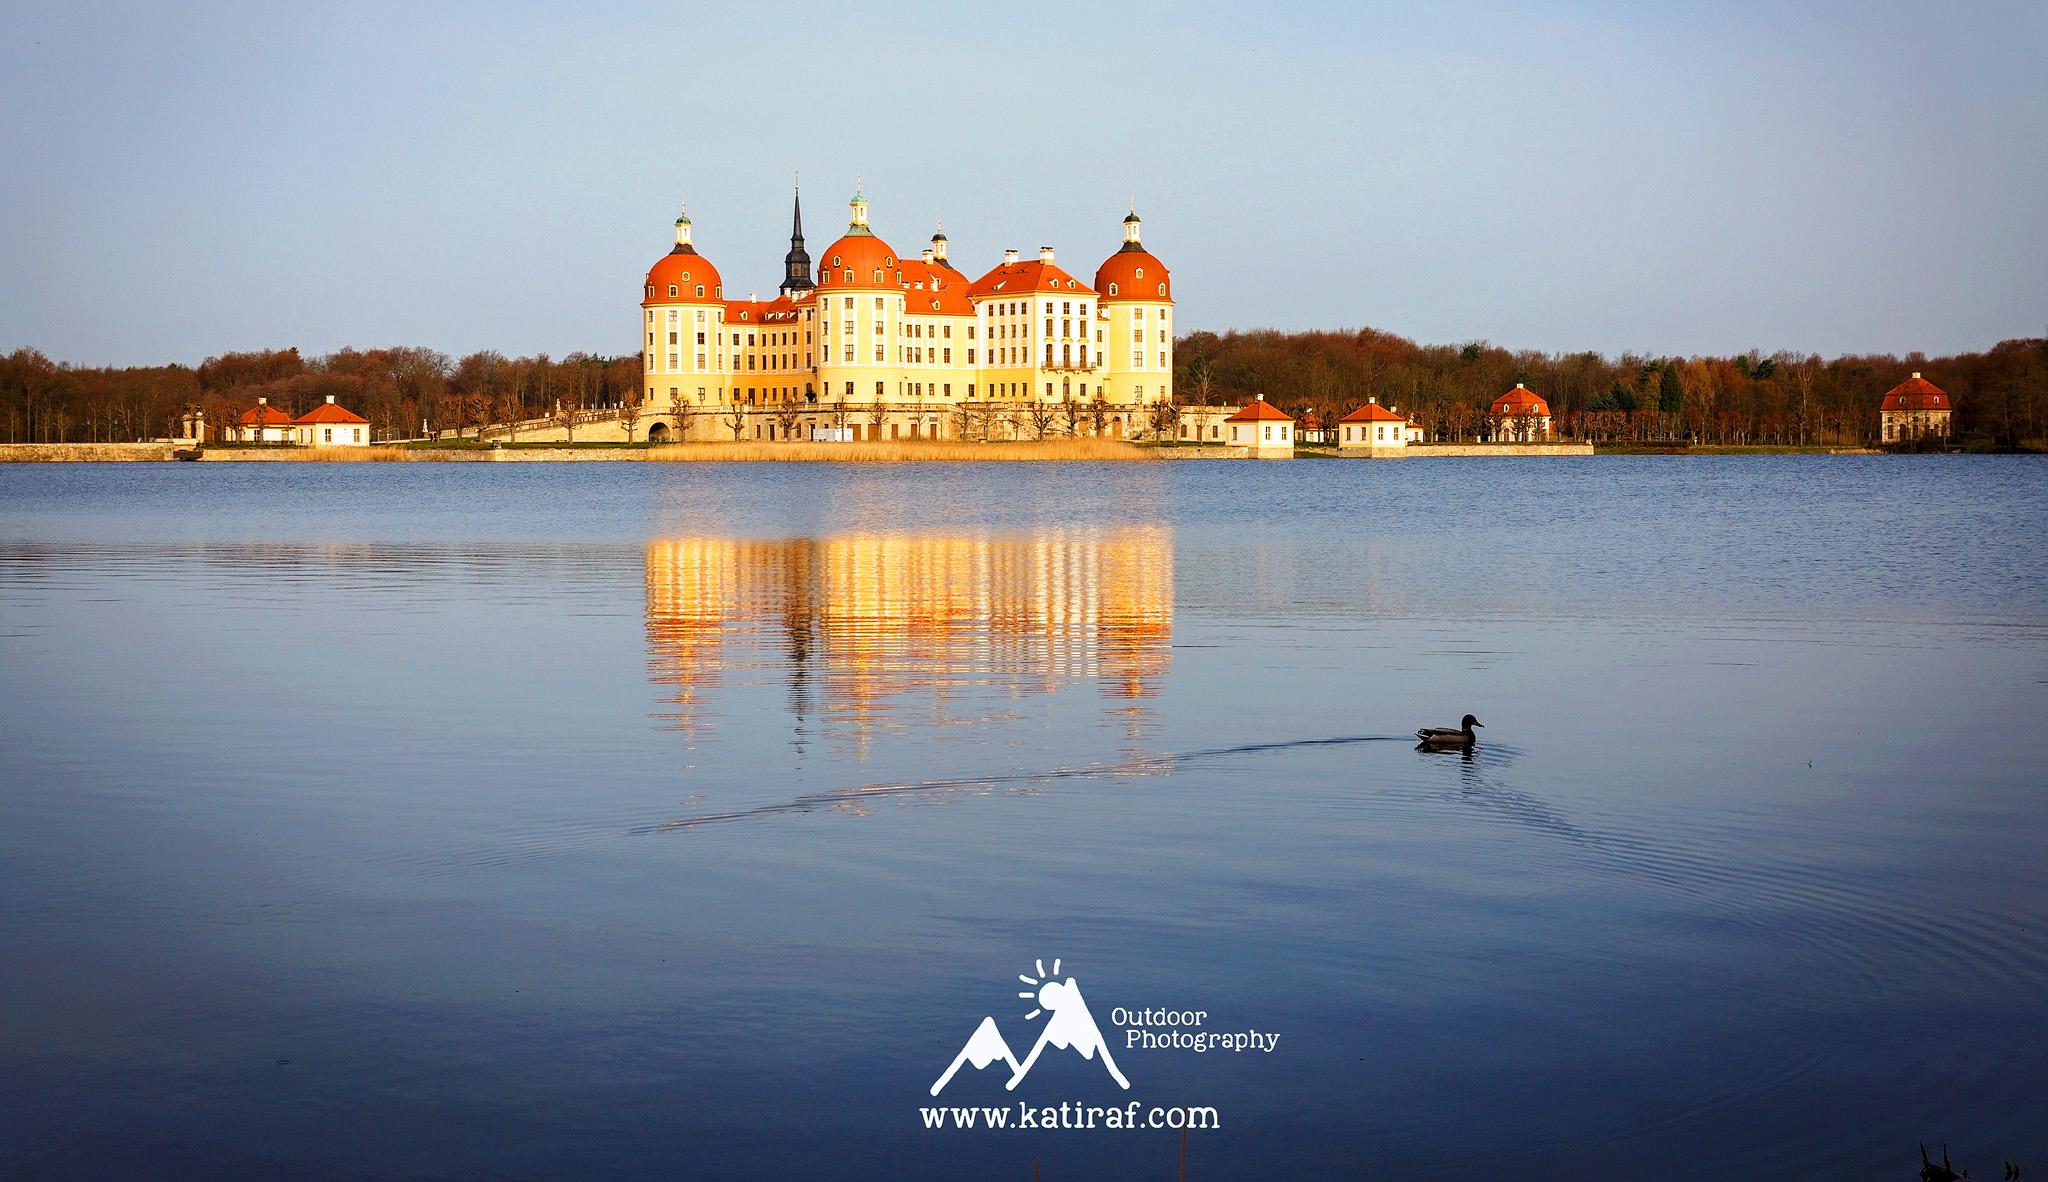 Palac-Moritzburg-katiraf